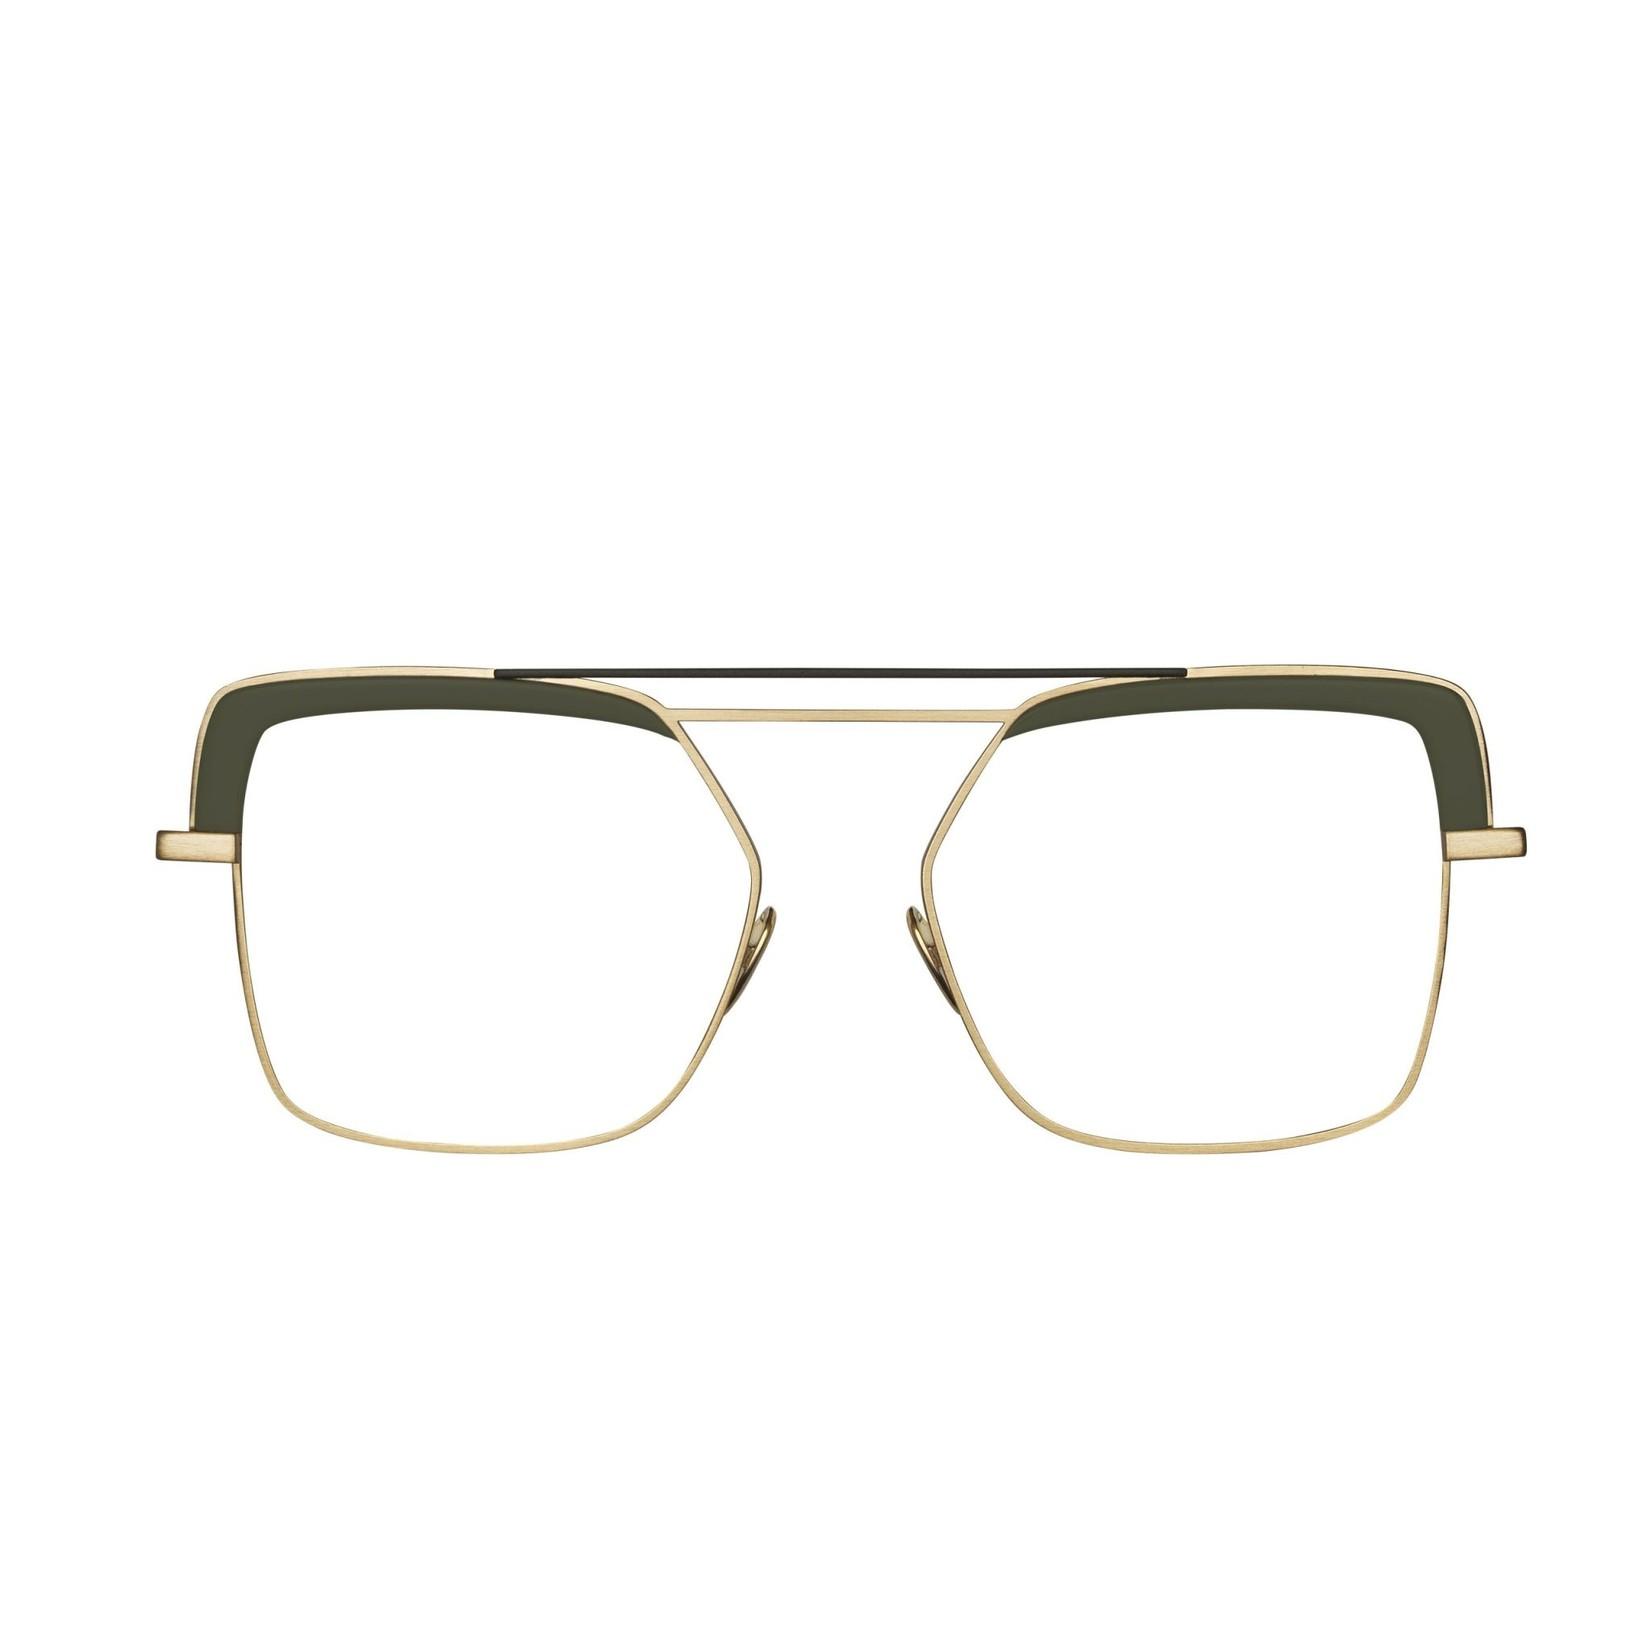 La Petite Lunette Eyewear LPLR Ferywin